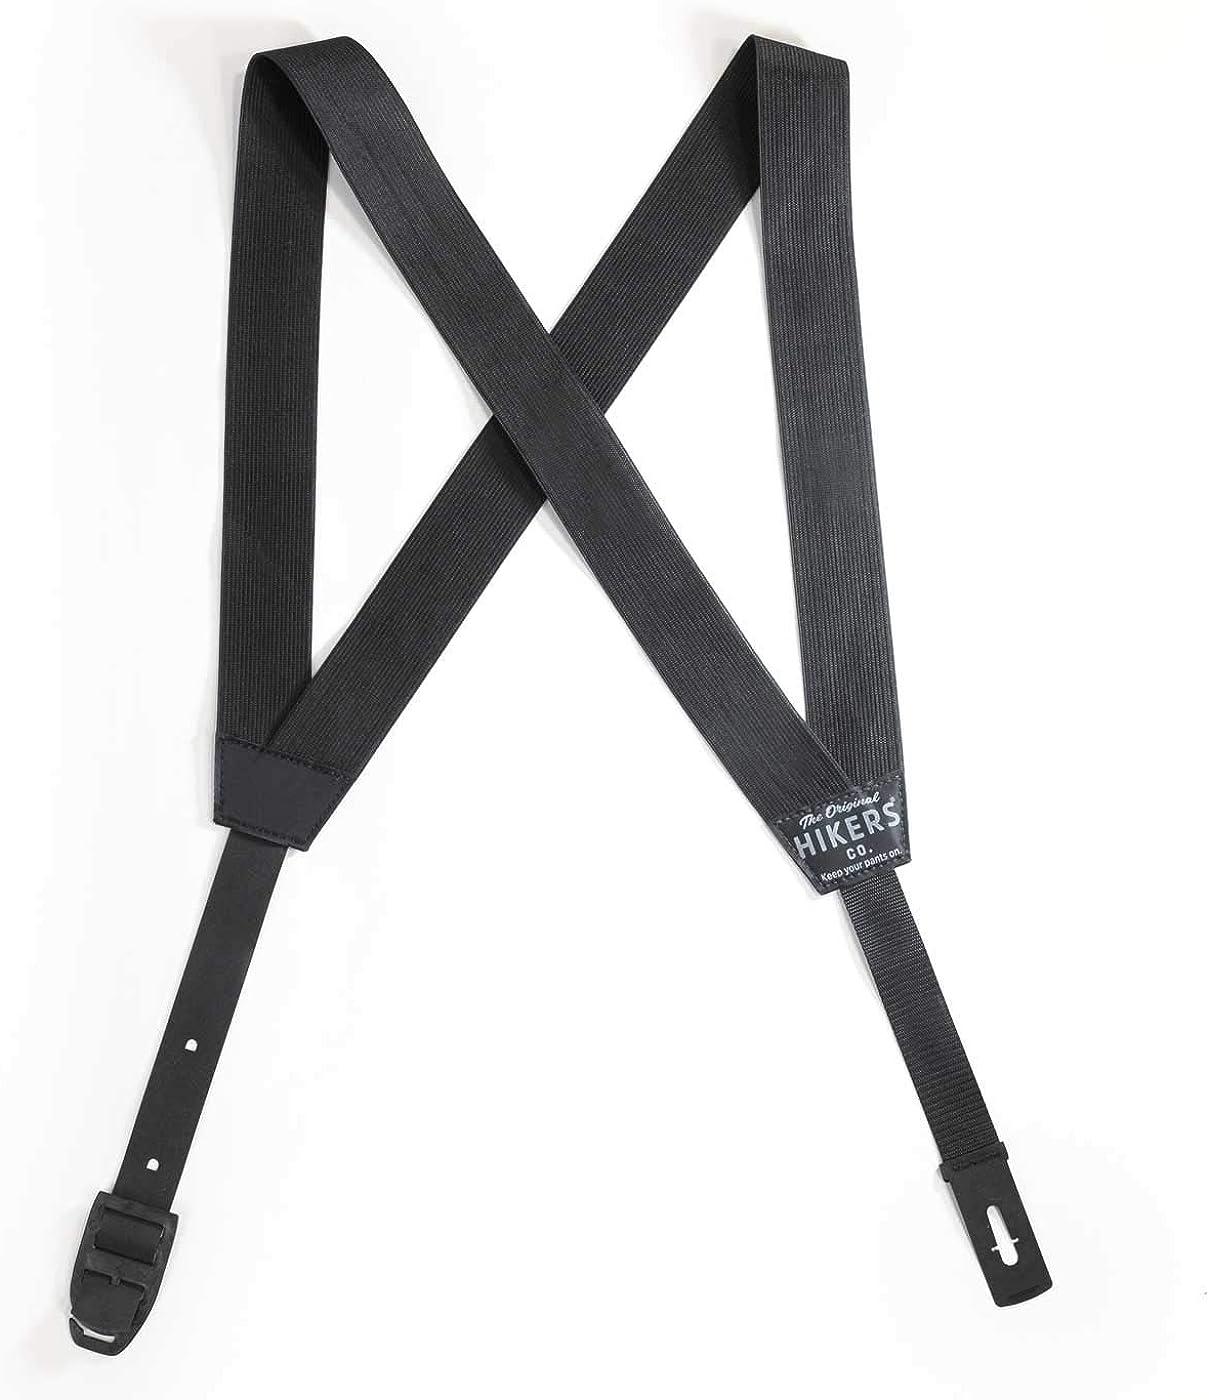 HIKERS Hidden Suspenders for Men, Invisible & Adjustable Belt Alternative, Black